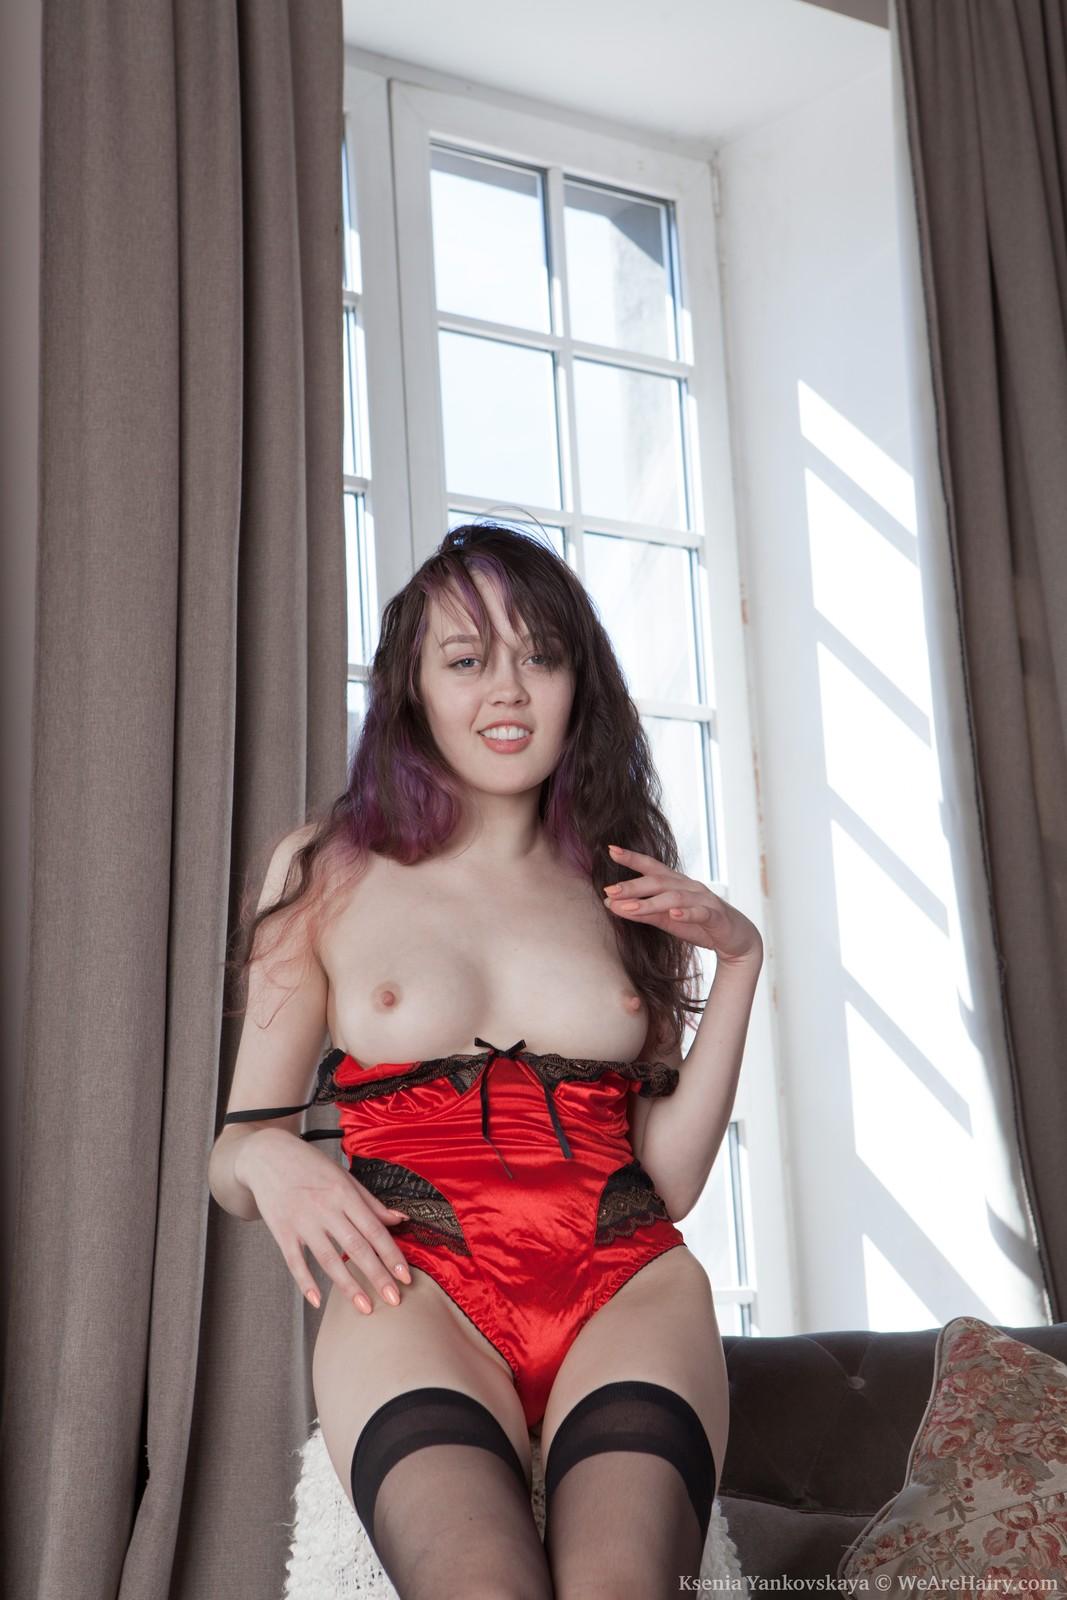 ksenia-yankovskaya-takes-off-her-red-lingerie6.jpg